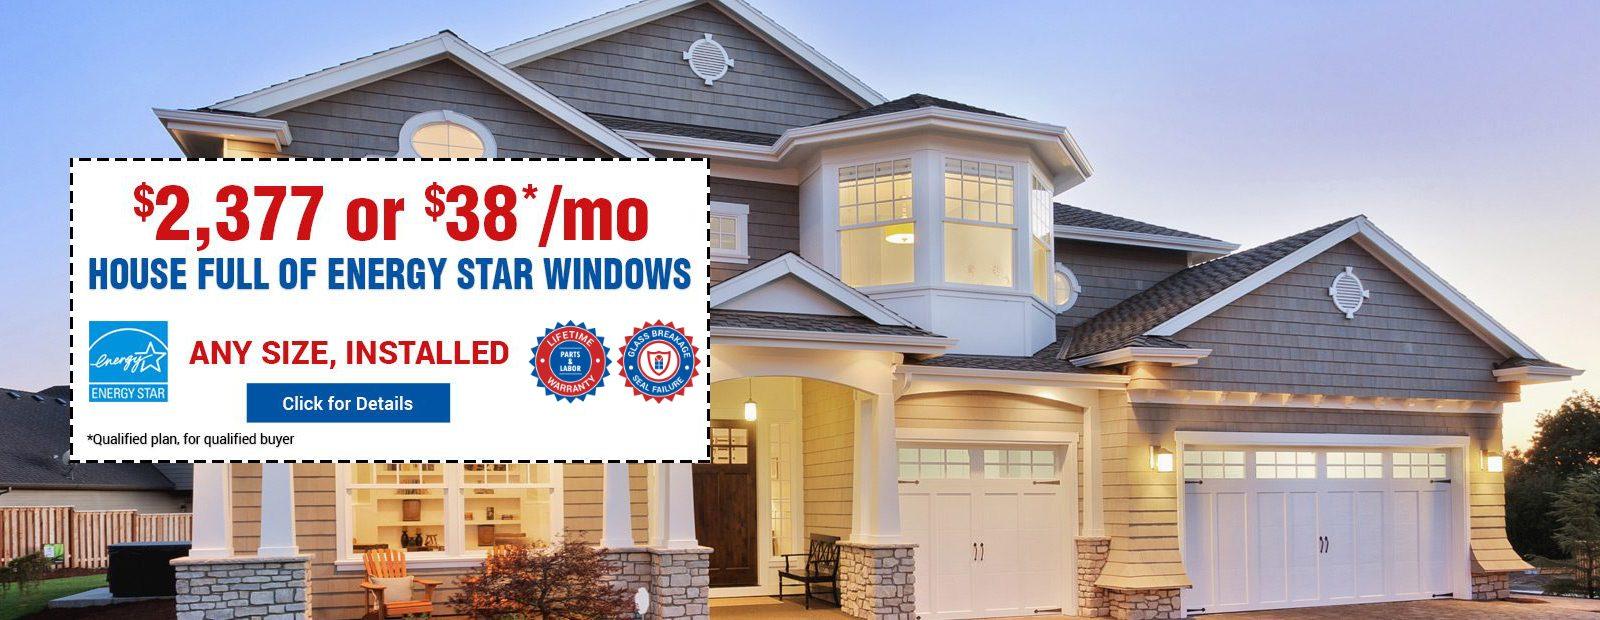 House Full Energy Star Windows